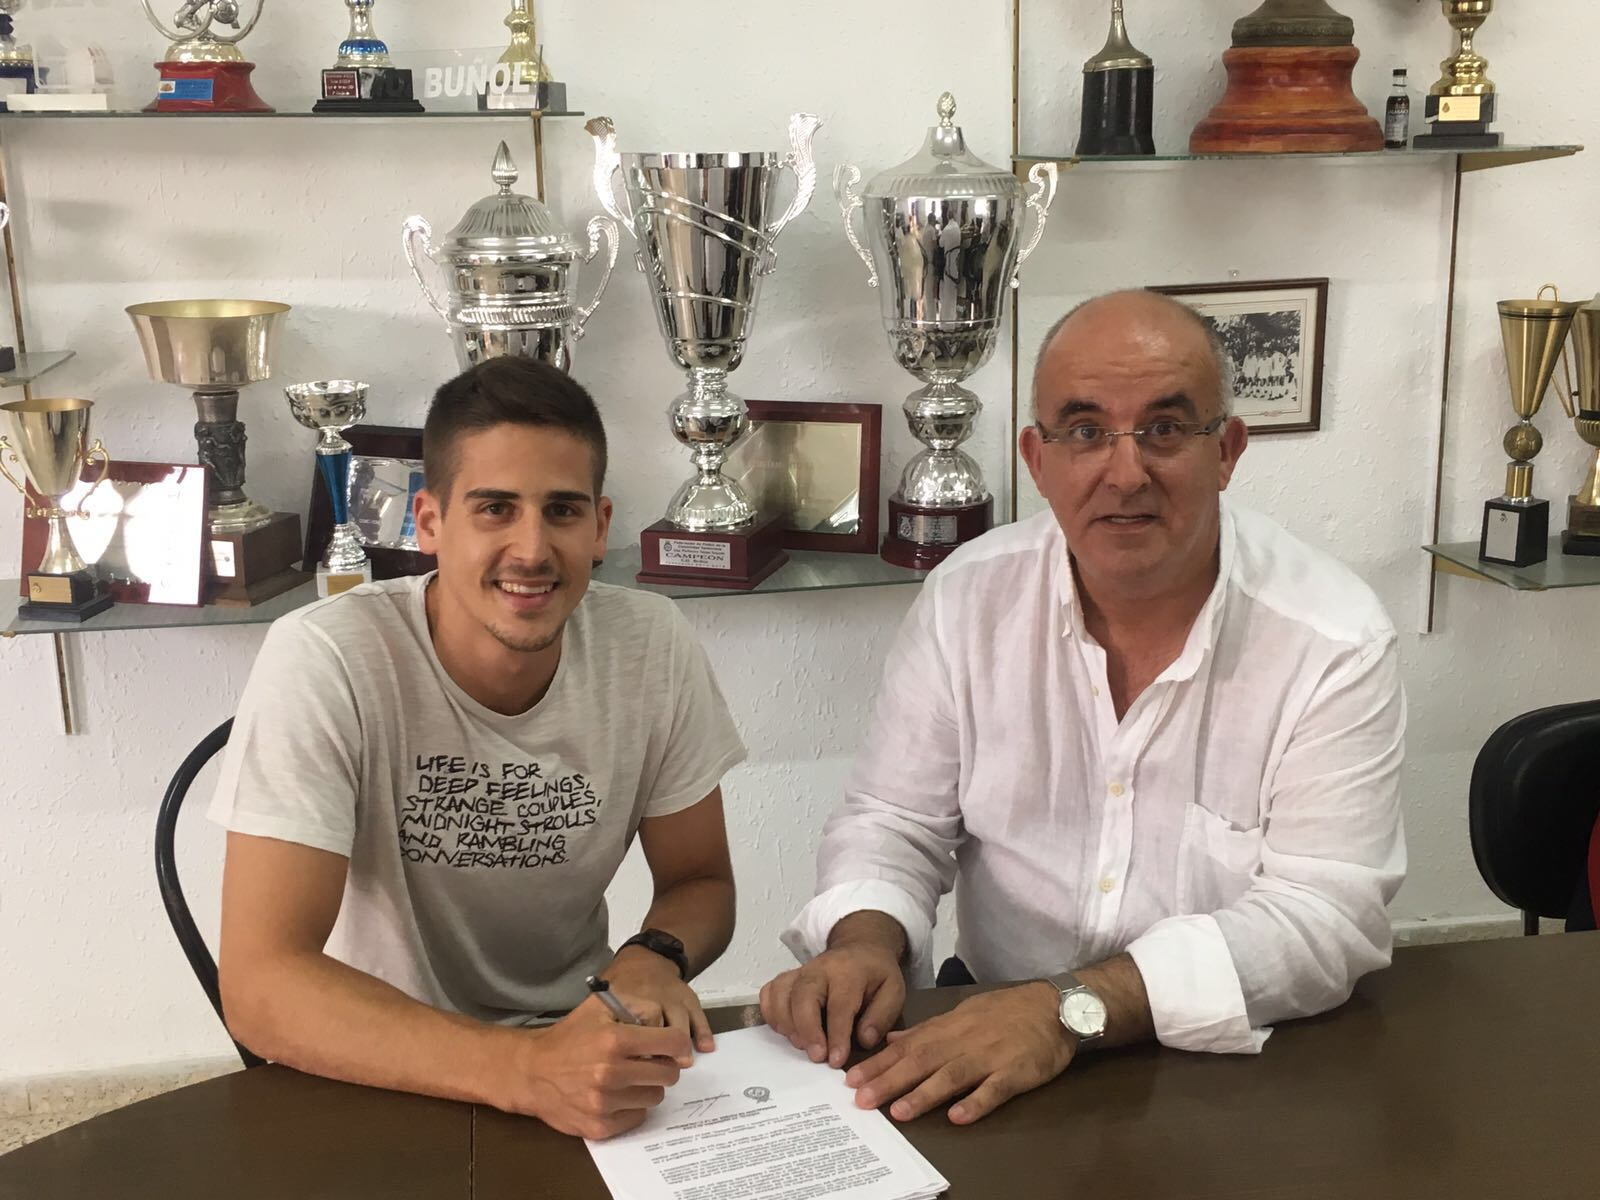 Momento de la firma entre el jugador Javier Nemesio y el presidente del CD Buñol, Amadeo Sáez.